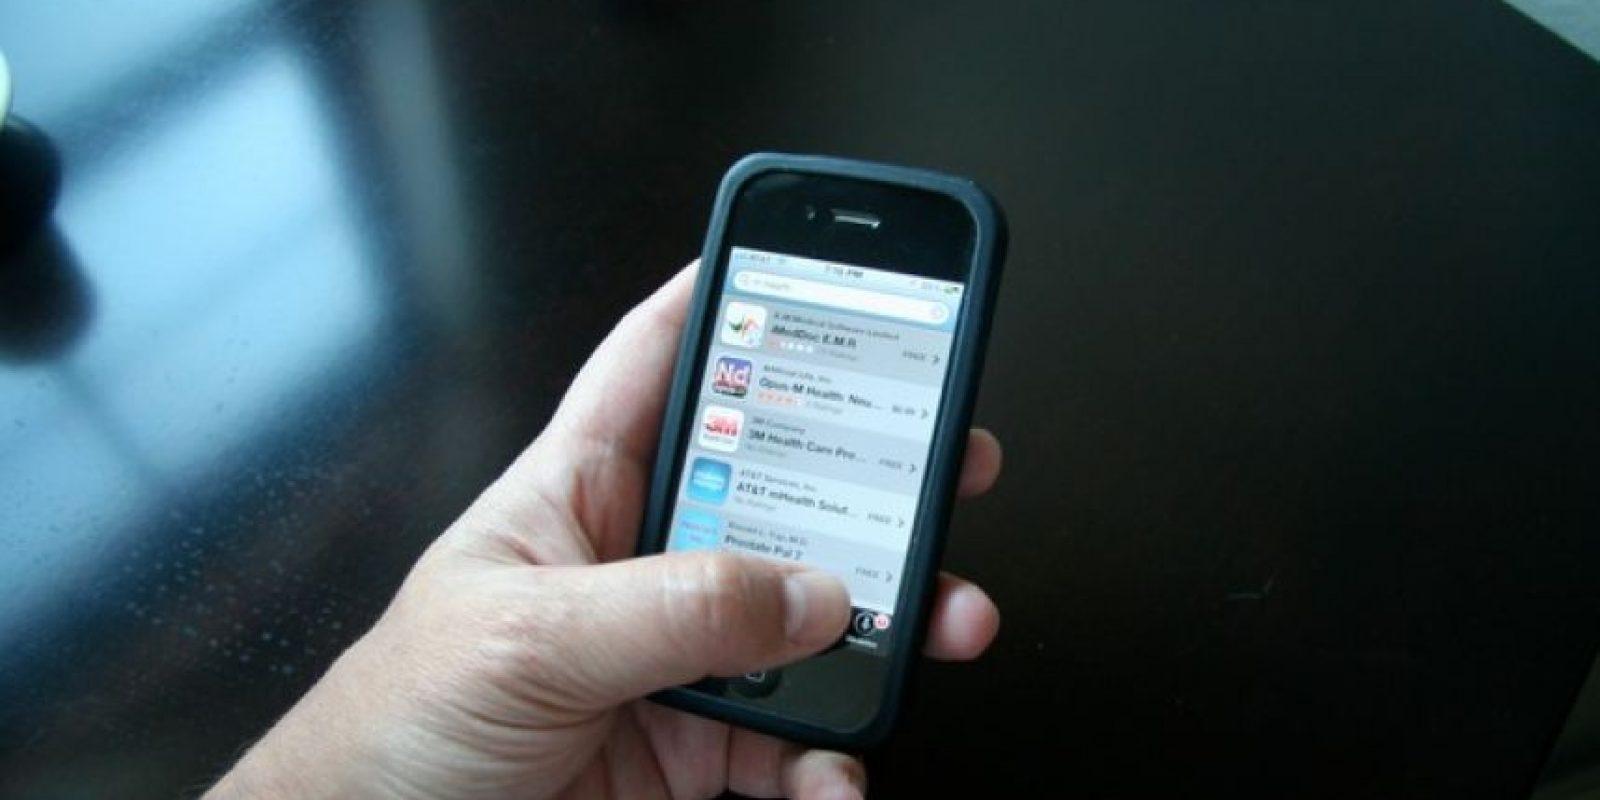 6. Cada vez que los niños usan dispositivos móviles, se separan de su entorno, de amigos y familiares. Foto:Pixabay